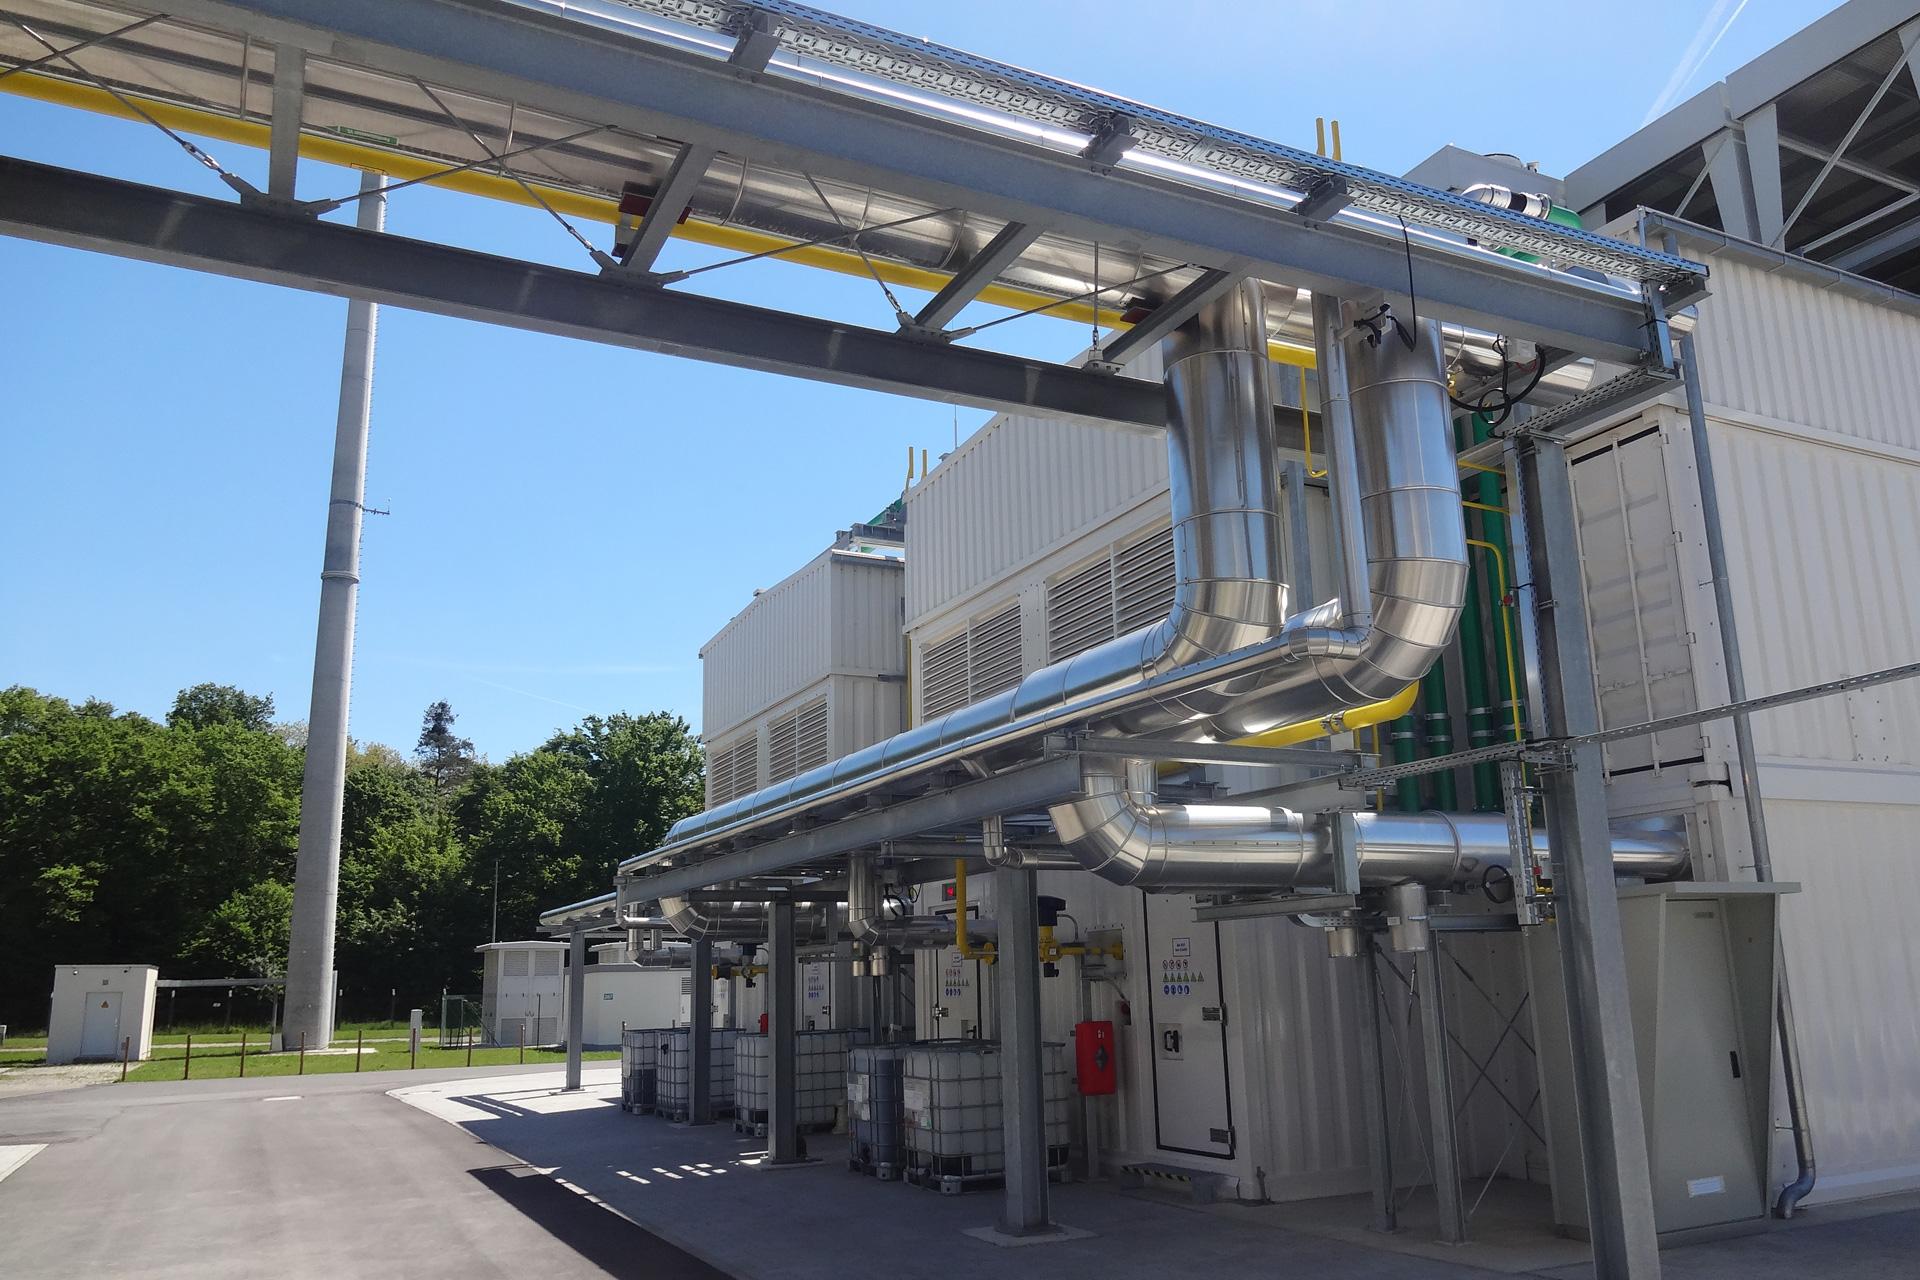 Referenzen, Blockheizkraftwerke, Einbindung Prüfstände 2 x 4,5 MW